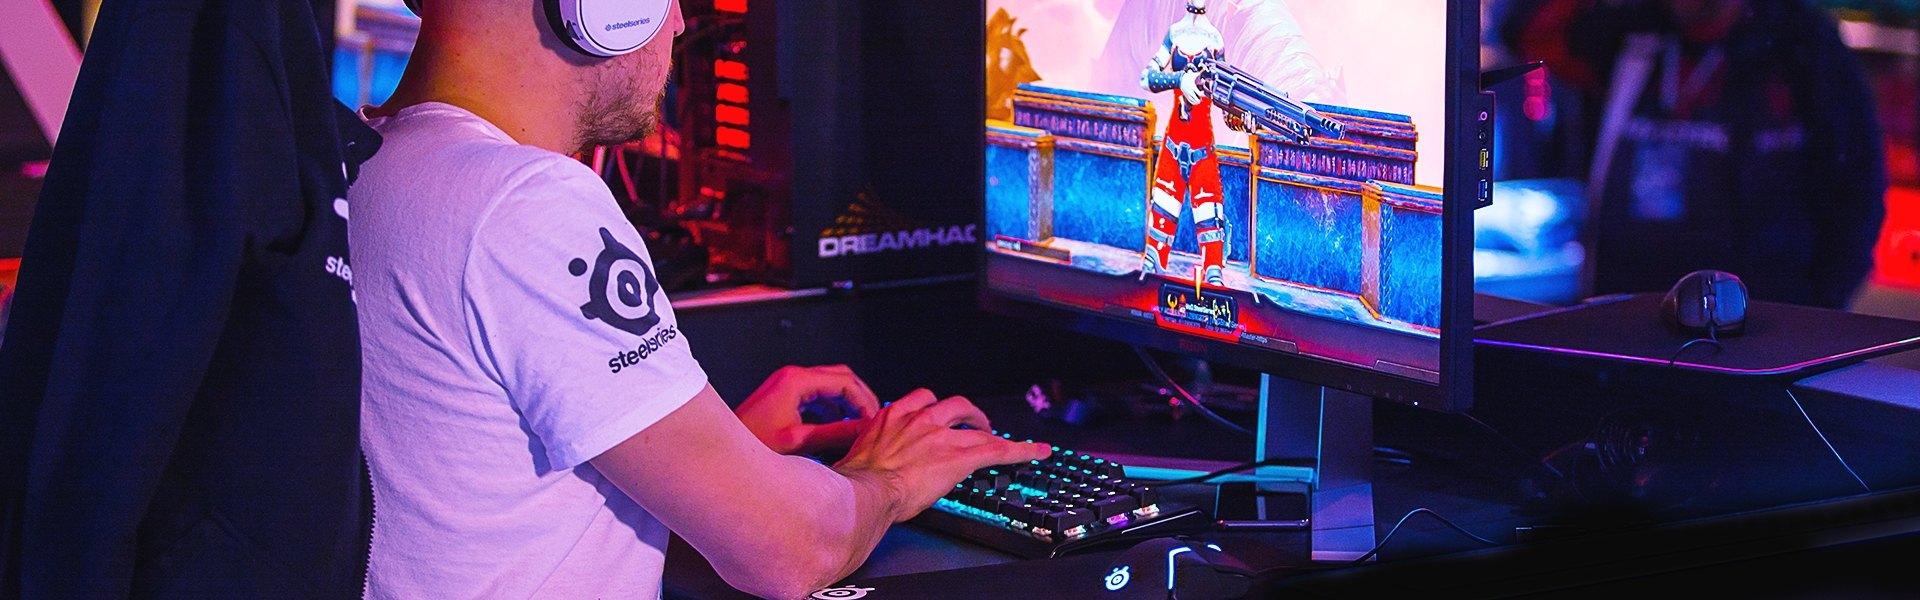 Profi-E-Sportler tippt auf Tastatur mit Rival600 auf Mauspad neben seiner Tastatur